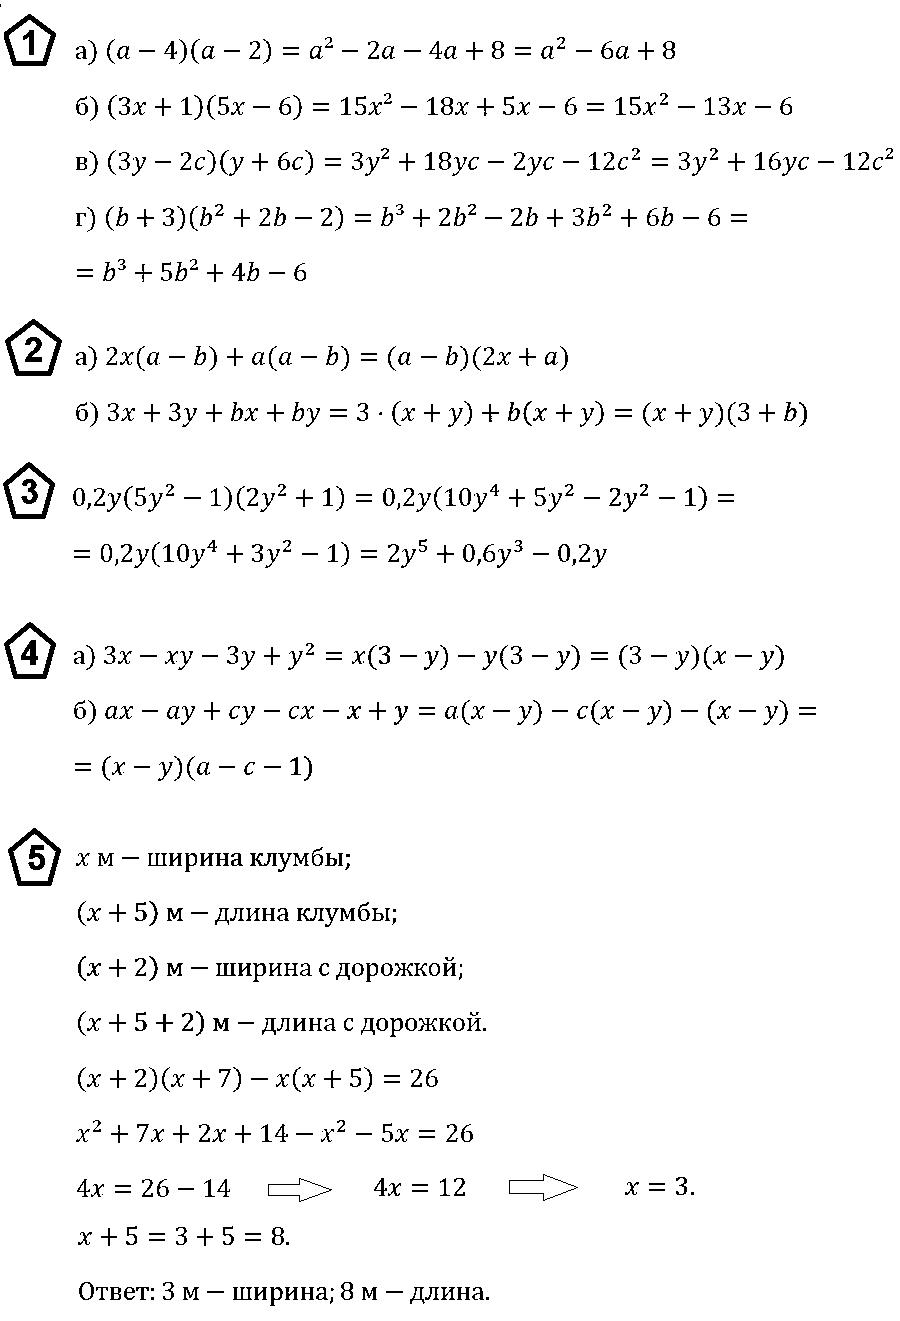 Алгебра 7 Макарычев КР-6 В4